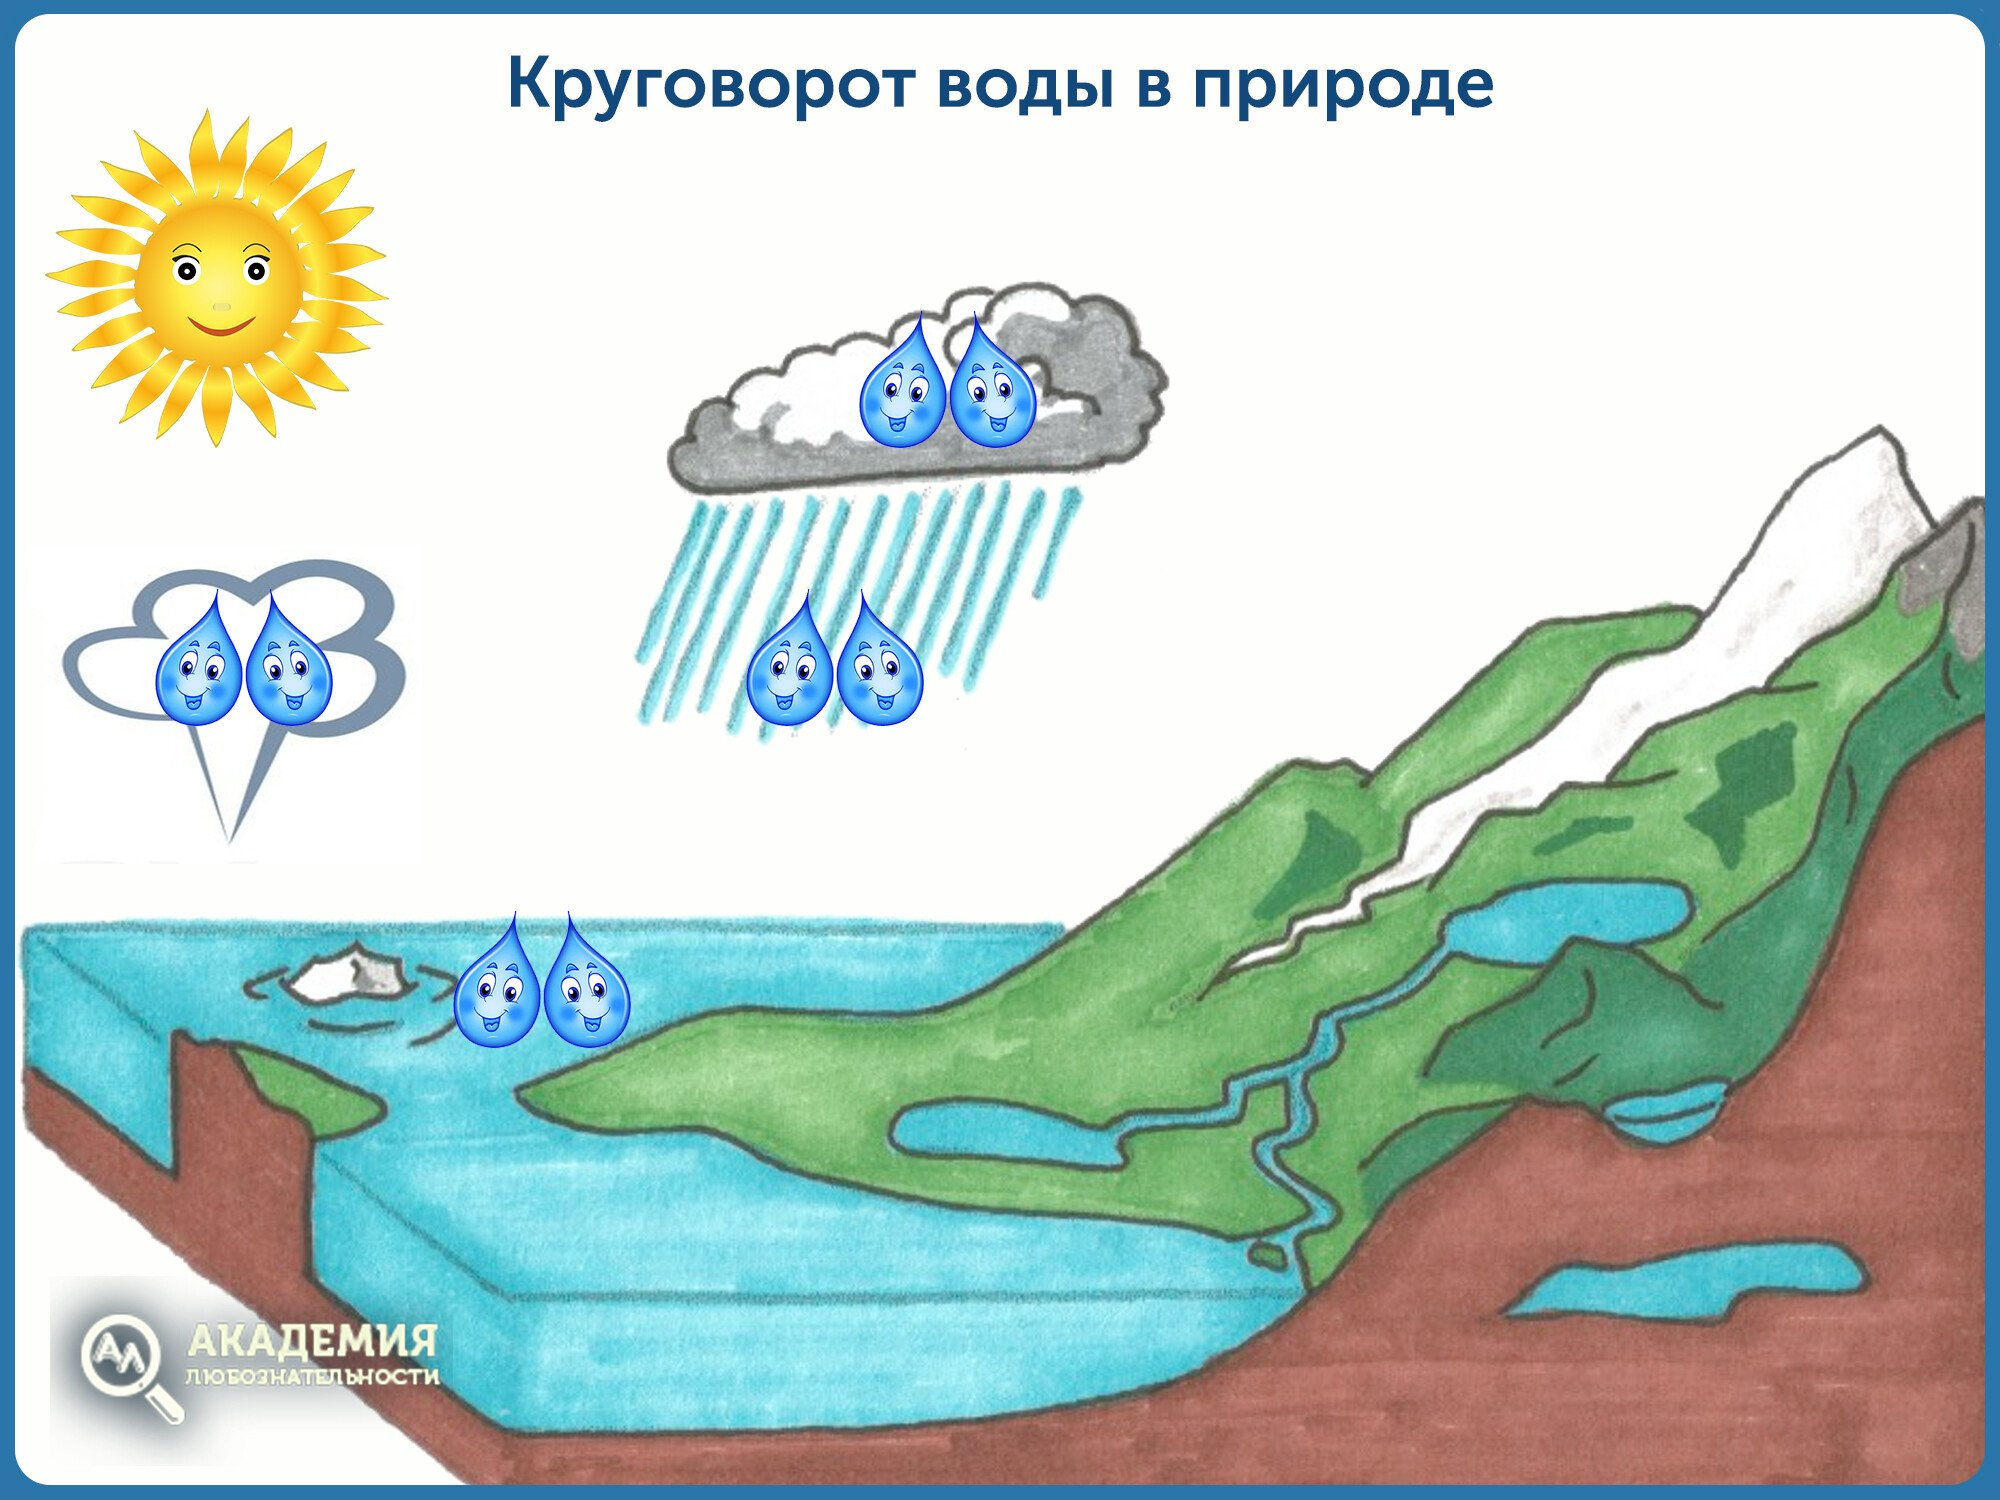 Круговорот воды в природе. Сказка о путешествии капелек-сестричек